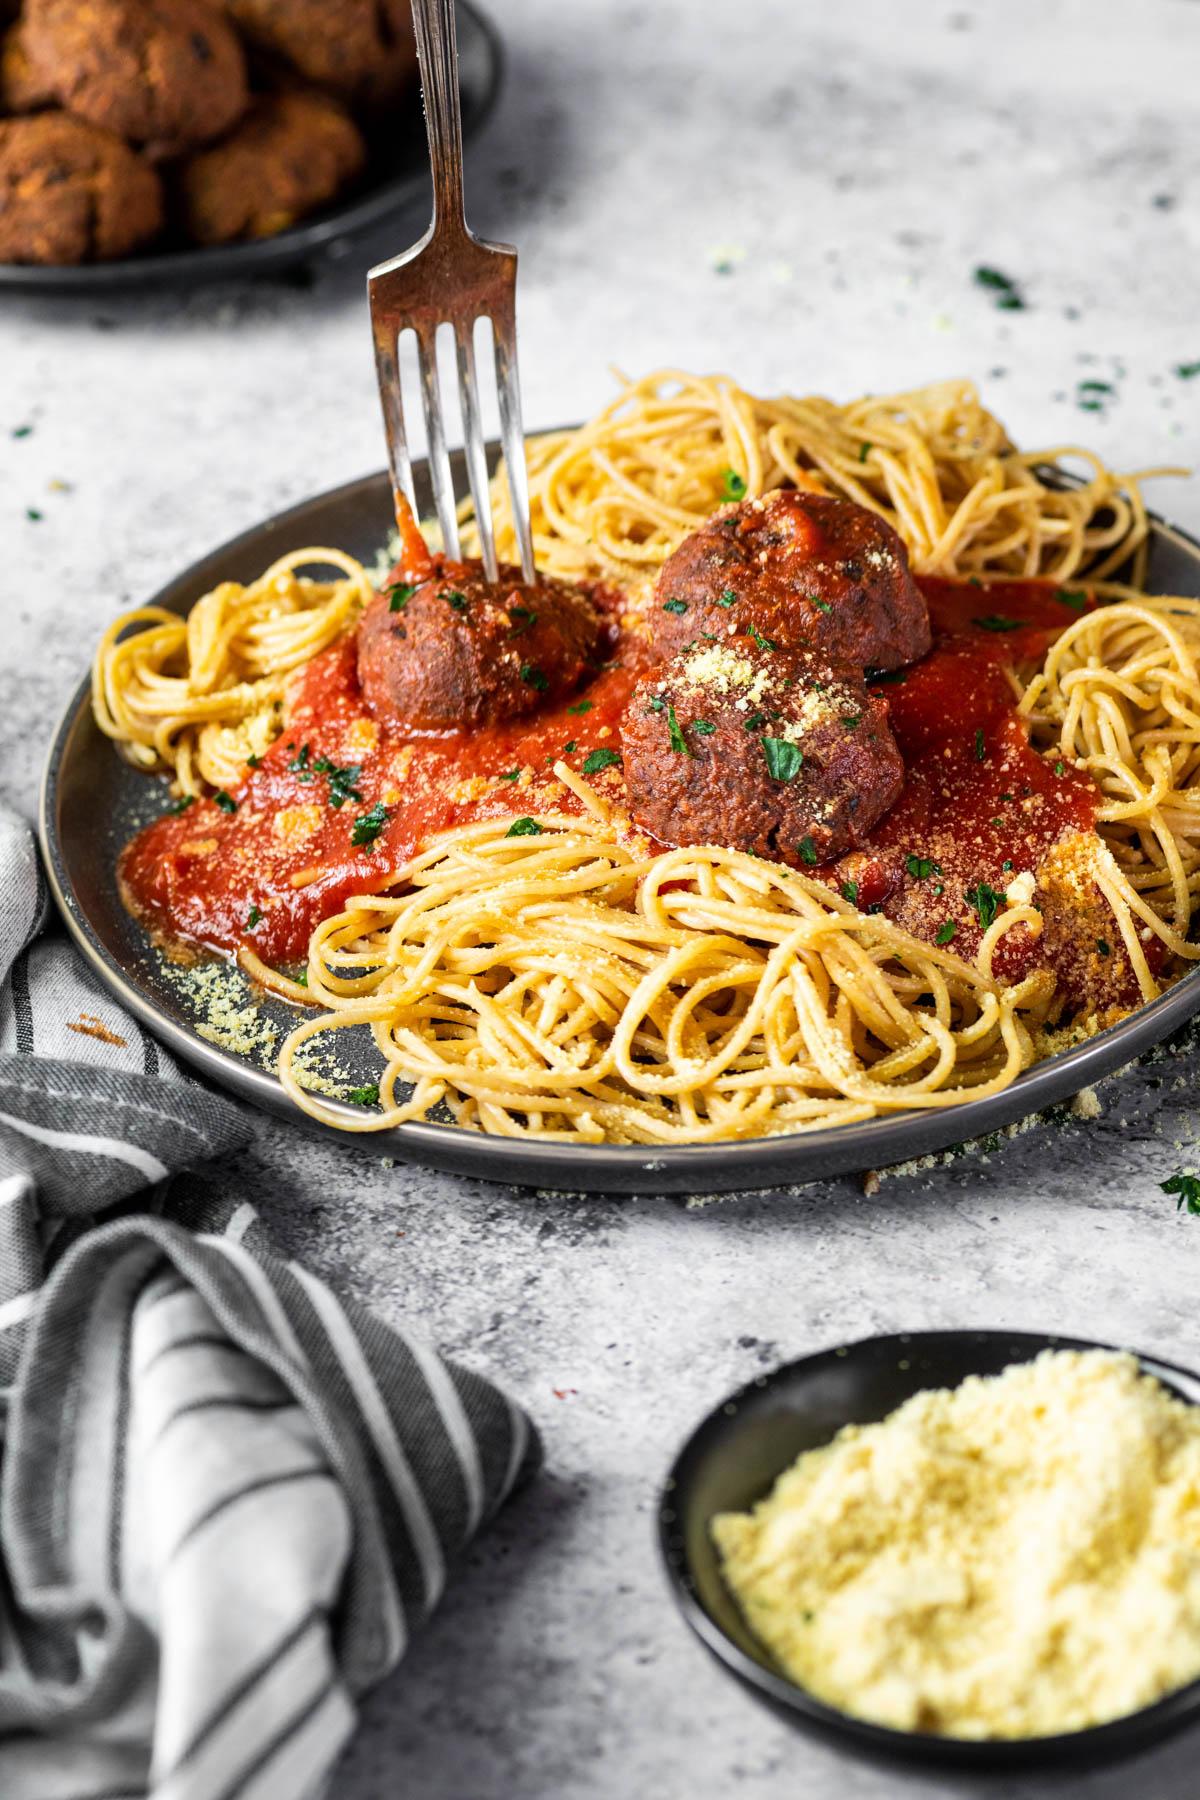 Die Gabel steckt in einem veganen Fleischbällchen, das mit Spaghetti und Marinara-Sauce auf einem Teller serviert wird.